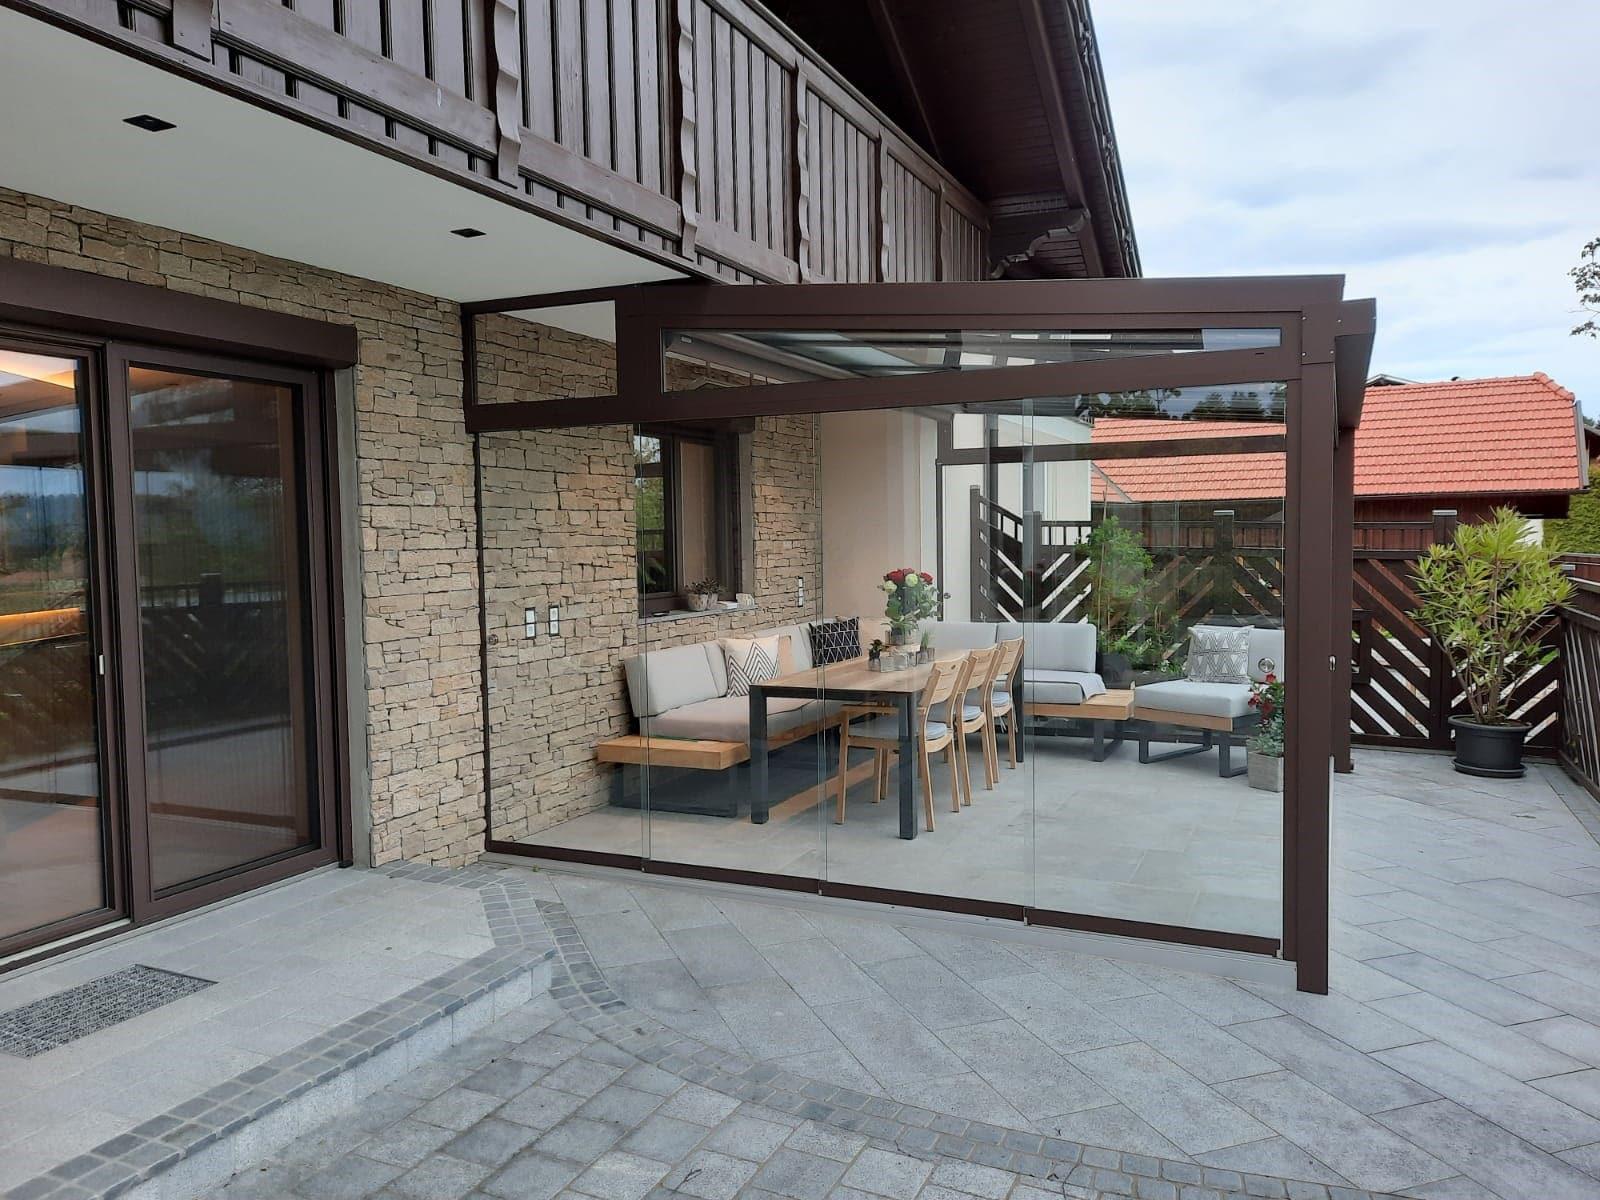 Sommergarten Glasschiebewand in braun - in OÖ montiert